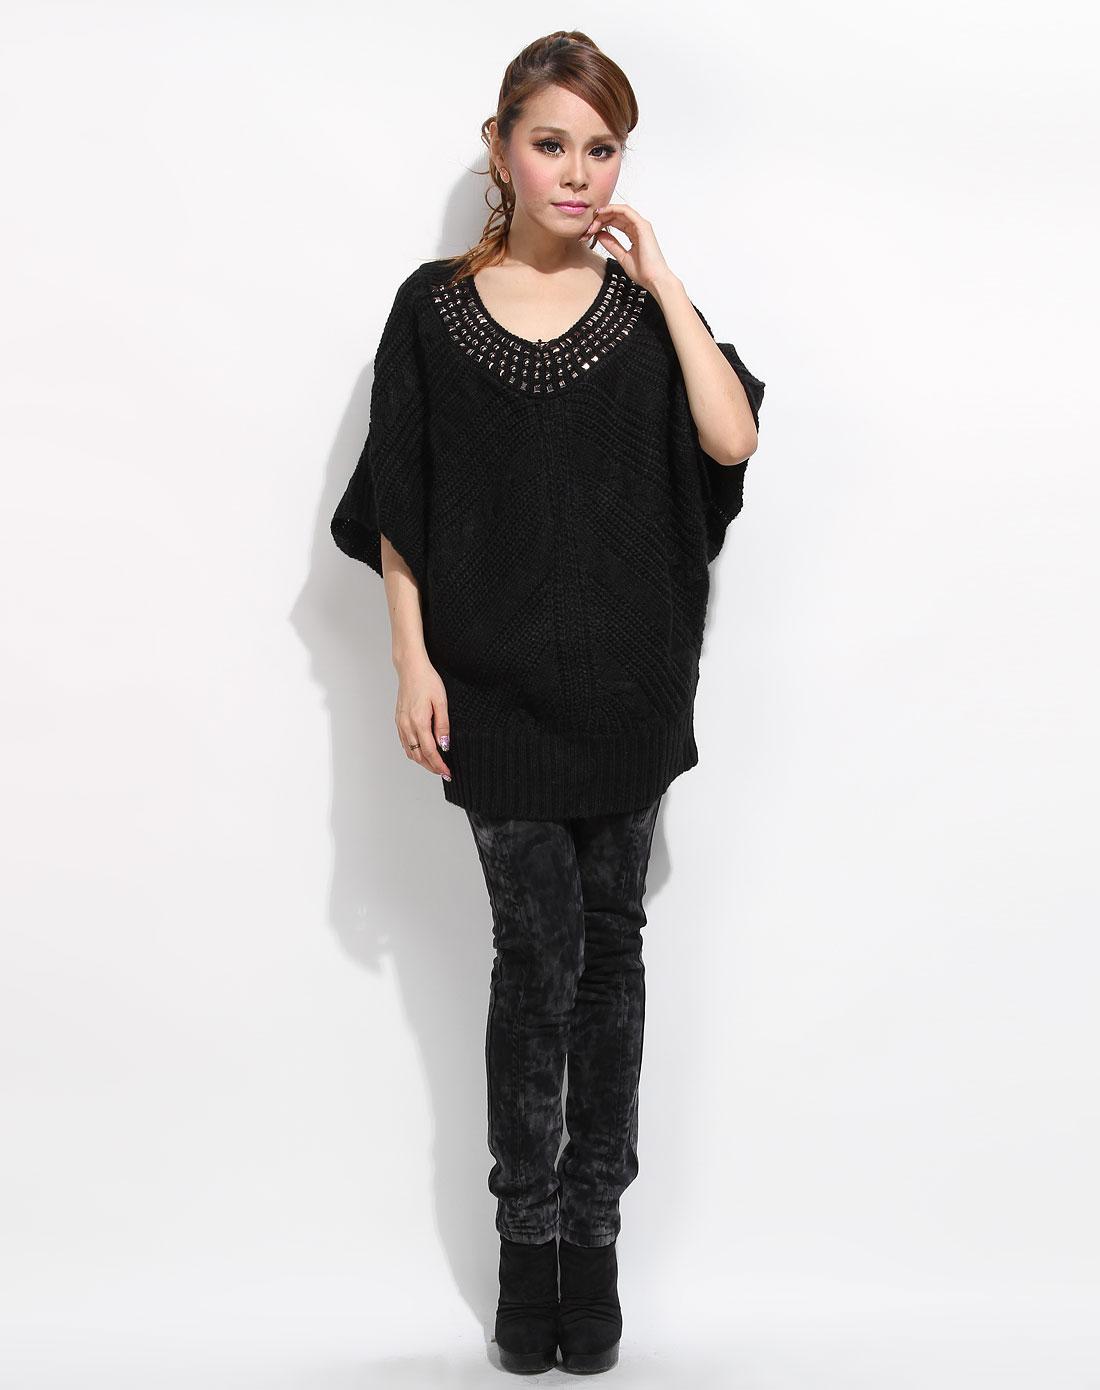 苏西susie女装专场-黑色领口亚克力蝙蝠袖毛衫